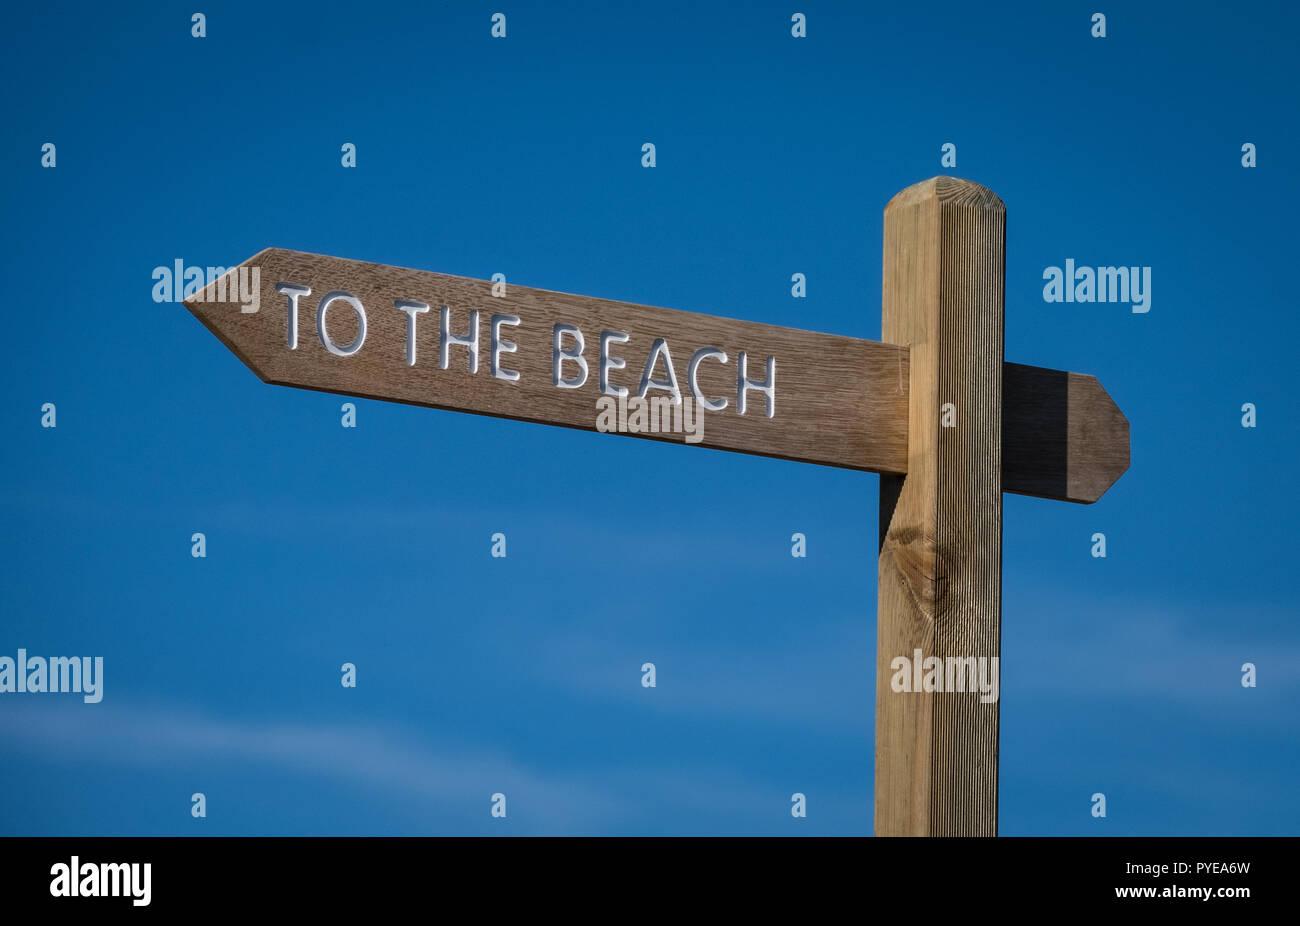 Zum Strand Schild an einem sonnigen Tag vor blauem Himmel Stockbild